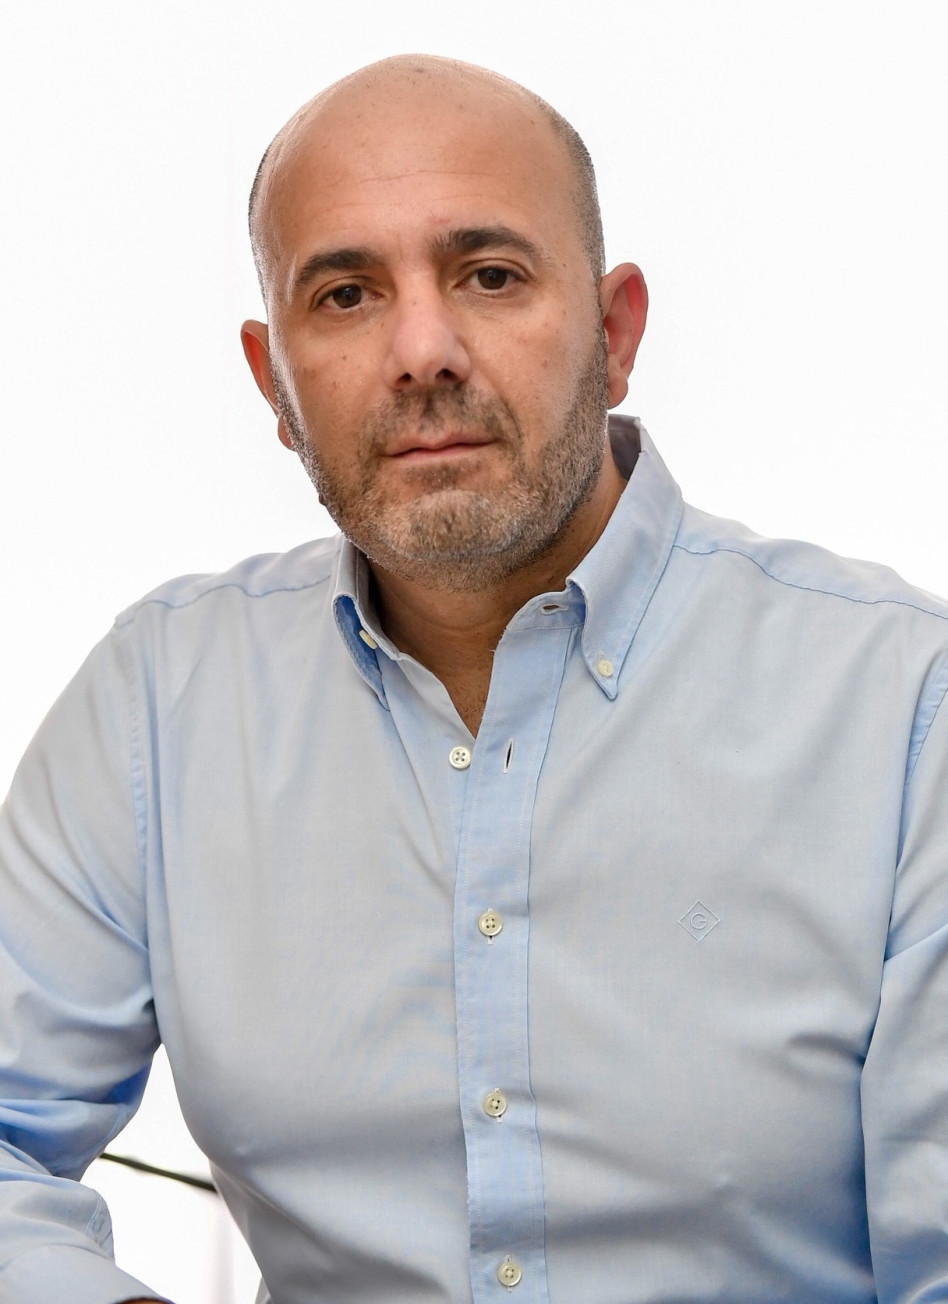 גולן כהן (צילום: יניב כהן)